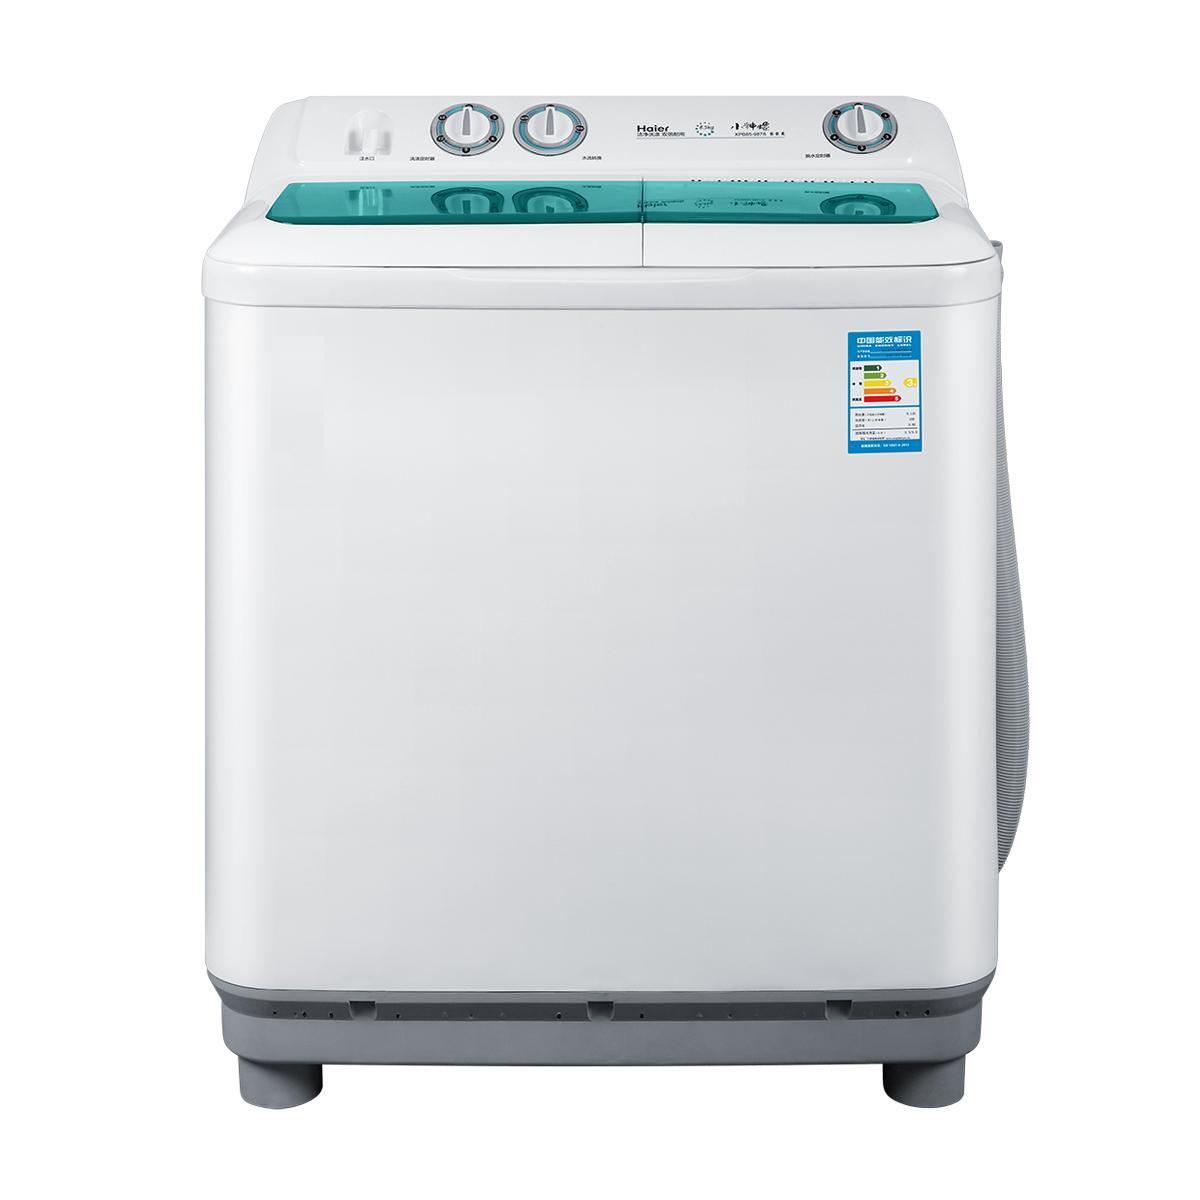 海尔Haier洗衣机 XPB85-987S 说明书